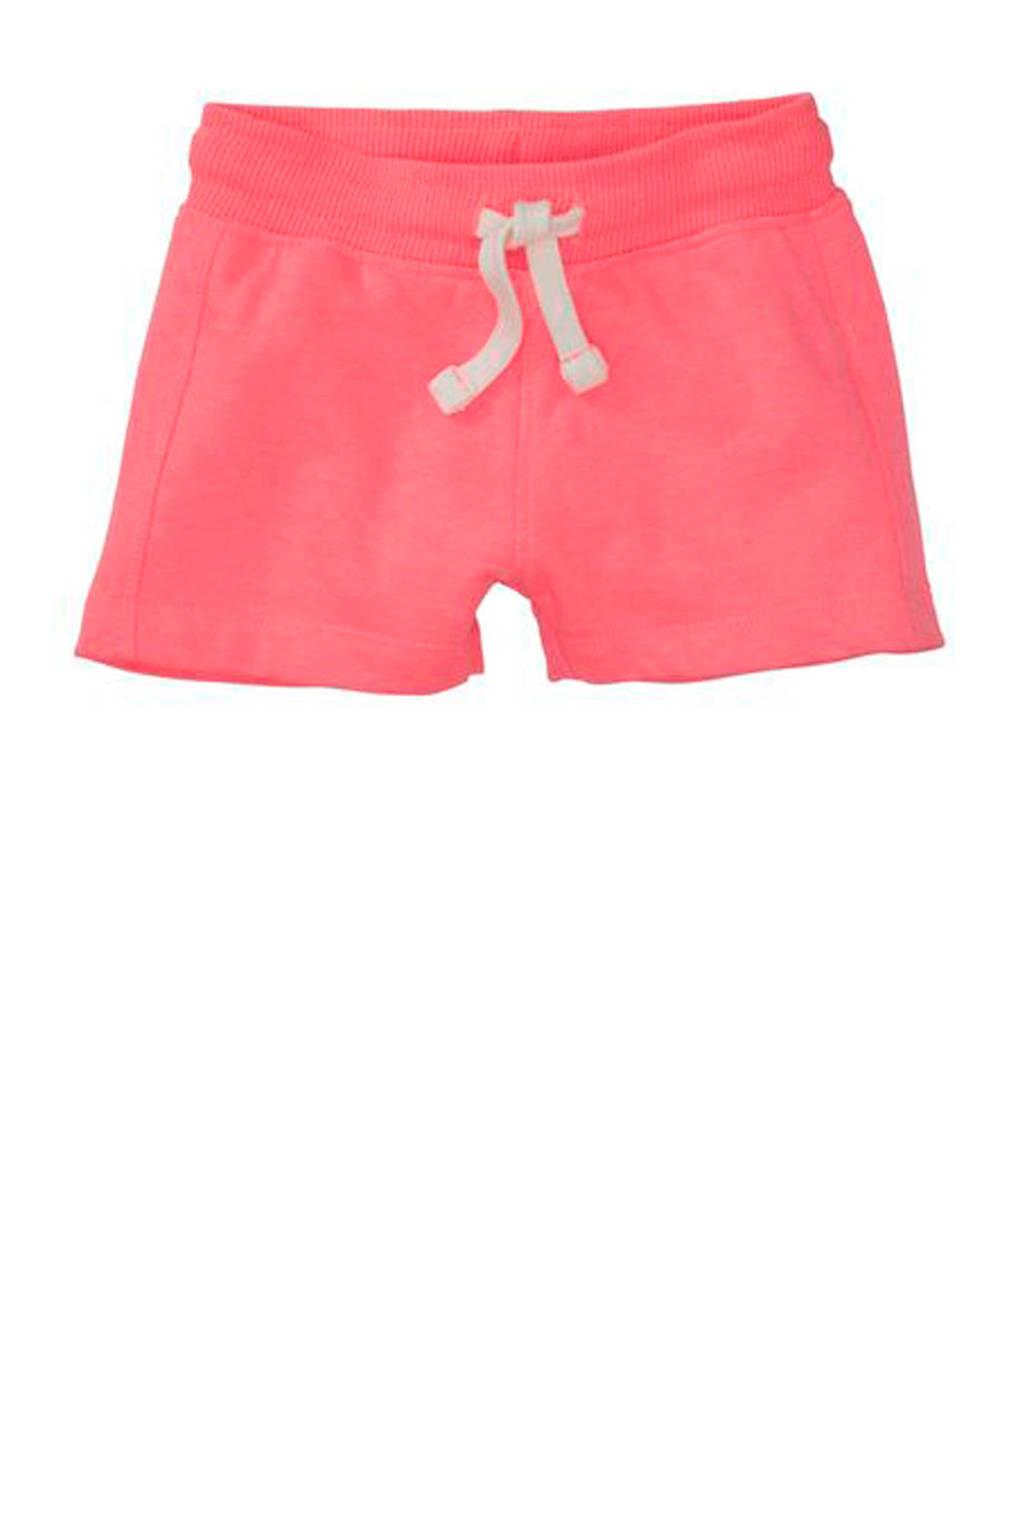 HEMA sweatshort roze, Roze